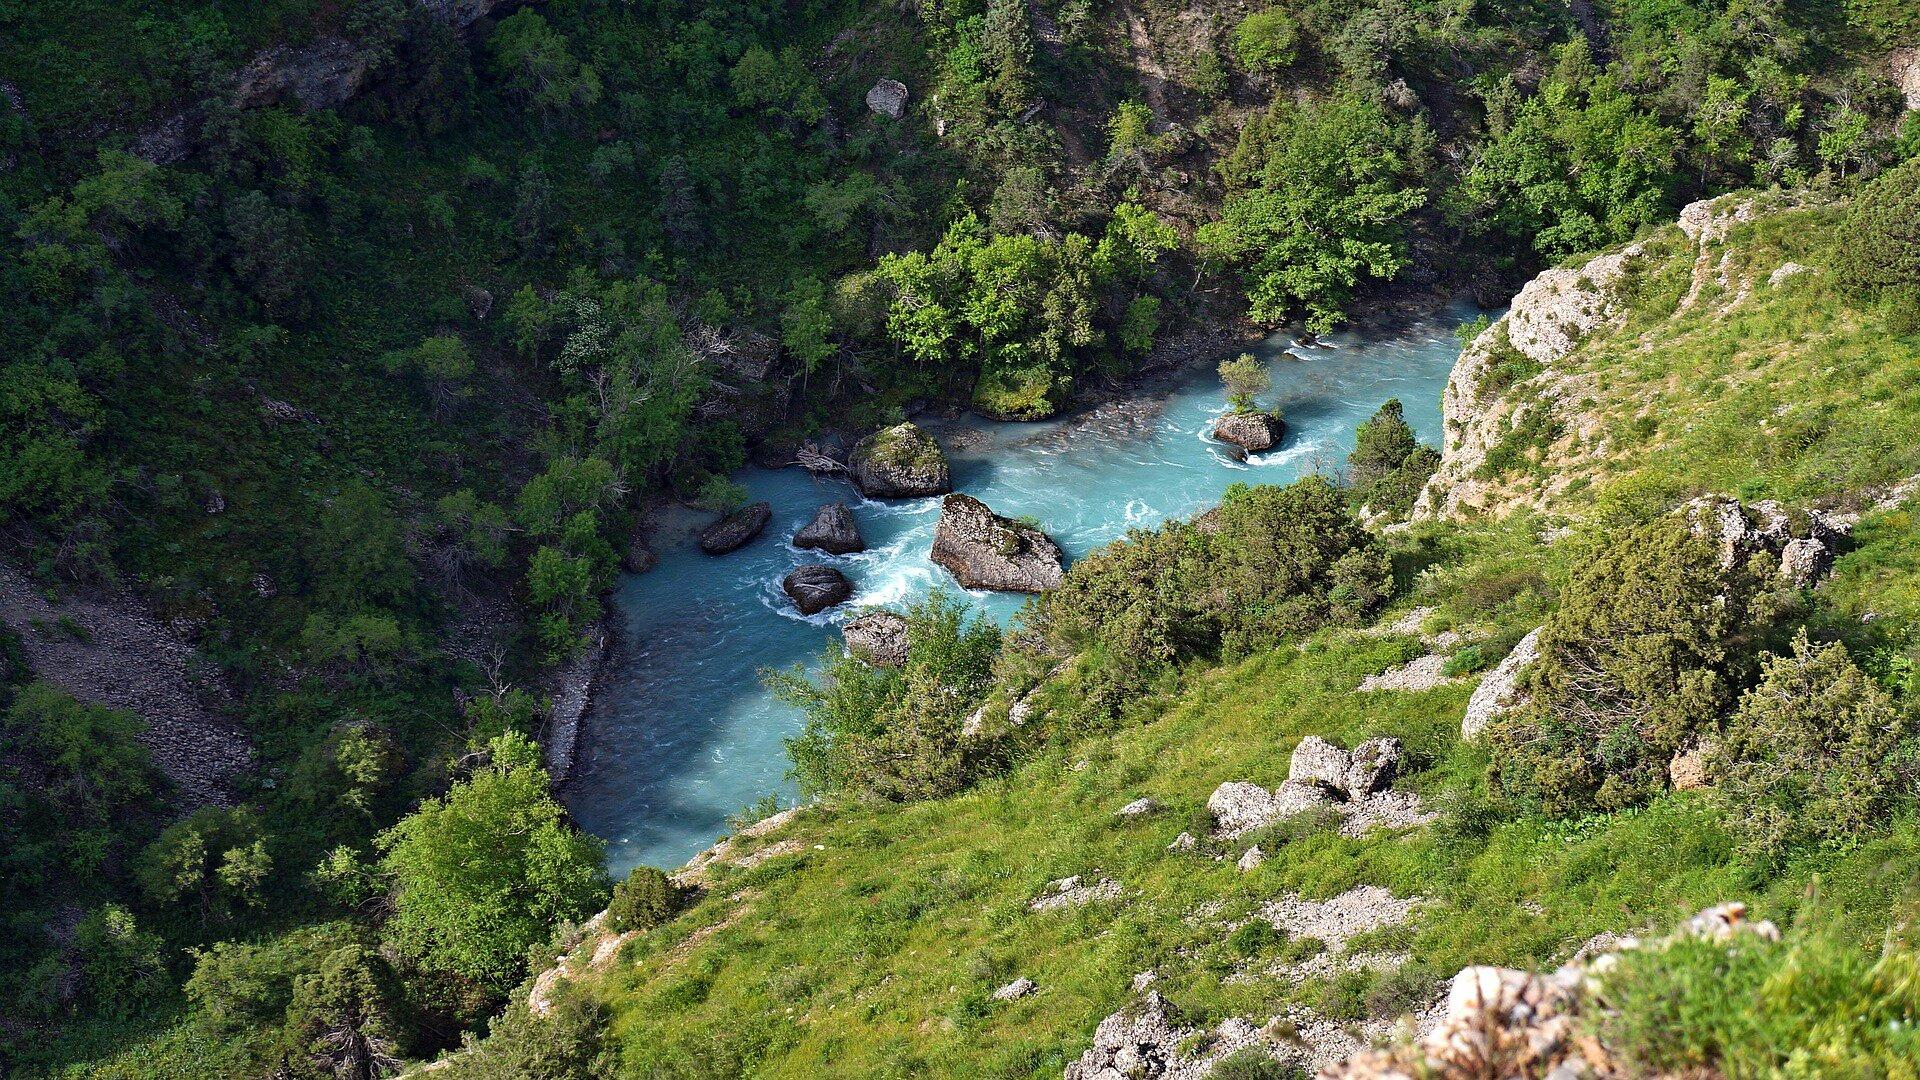 Zdjęcie przedstawia górską rzekę lub strumień. Zdjęcie zrobiono zwysokiego brzegu, który porośnięty jest trawą ikrzakami. Brzegi rzeki porośnięte są wysokimi krzewami idrzewami.